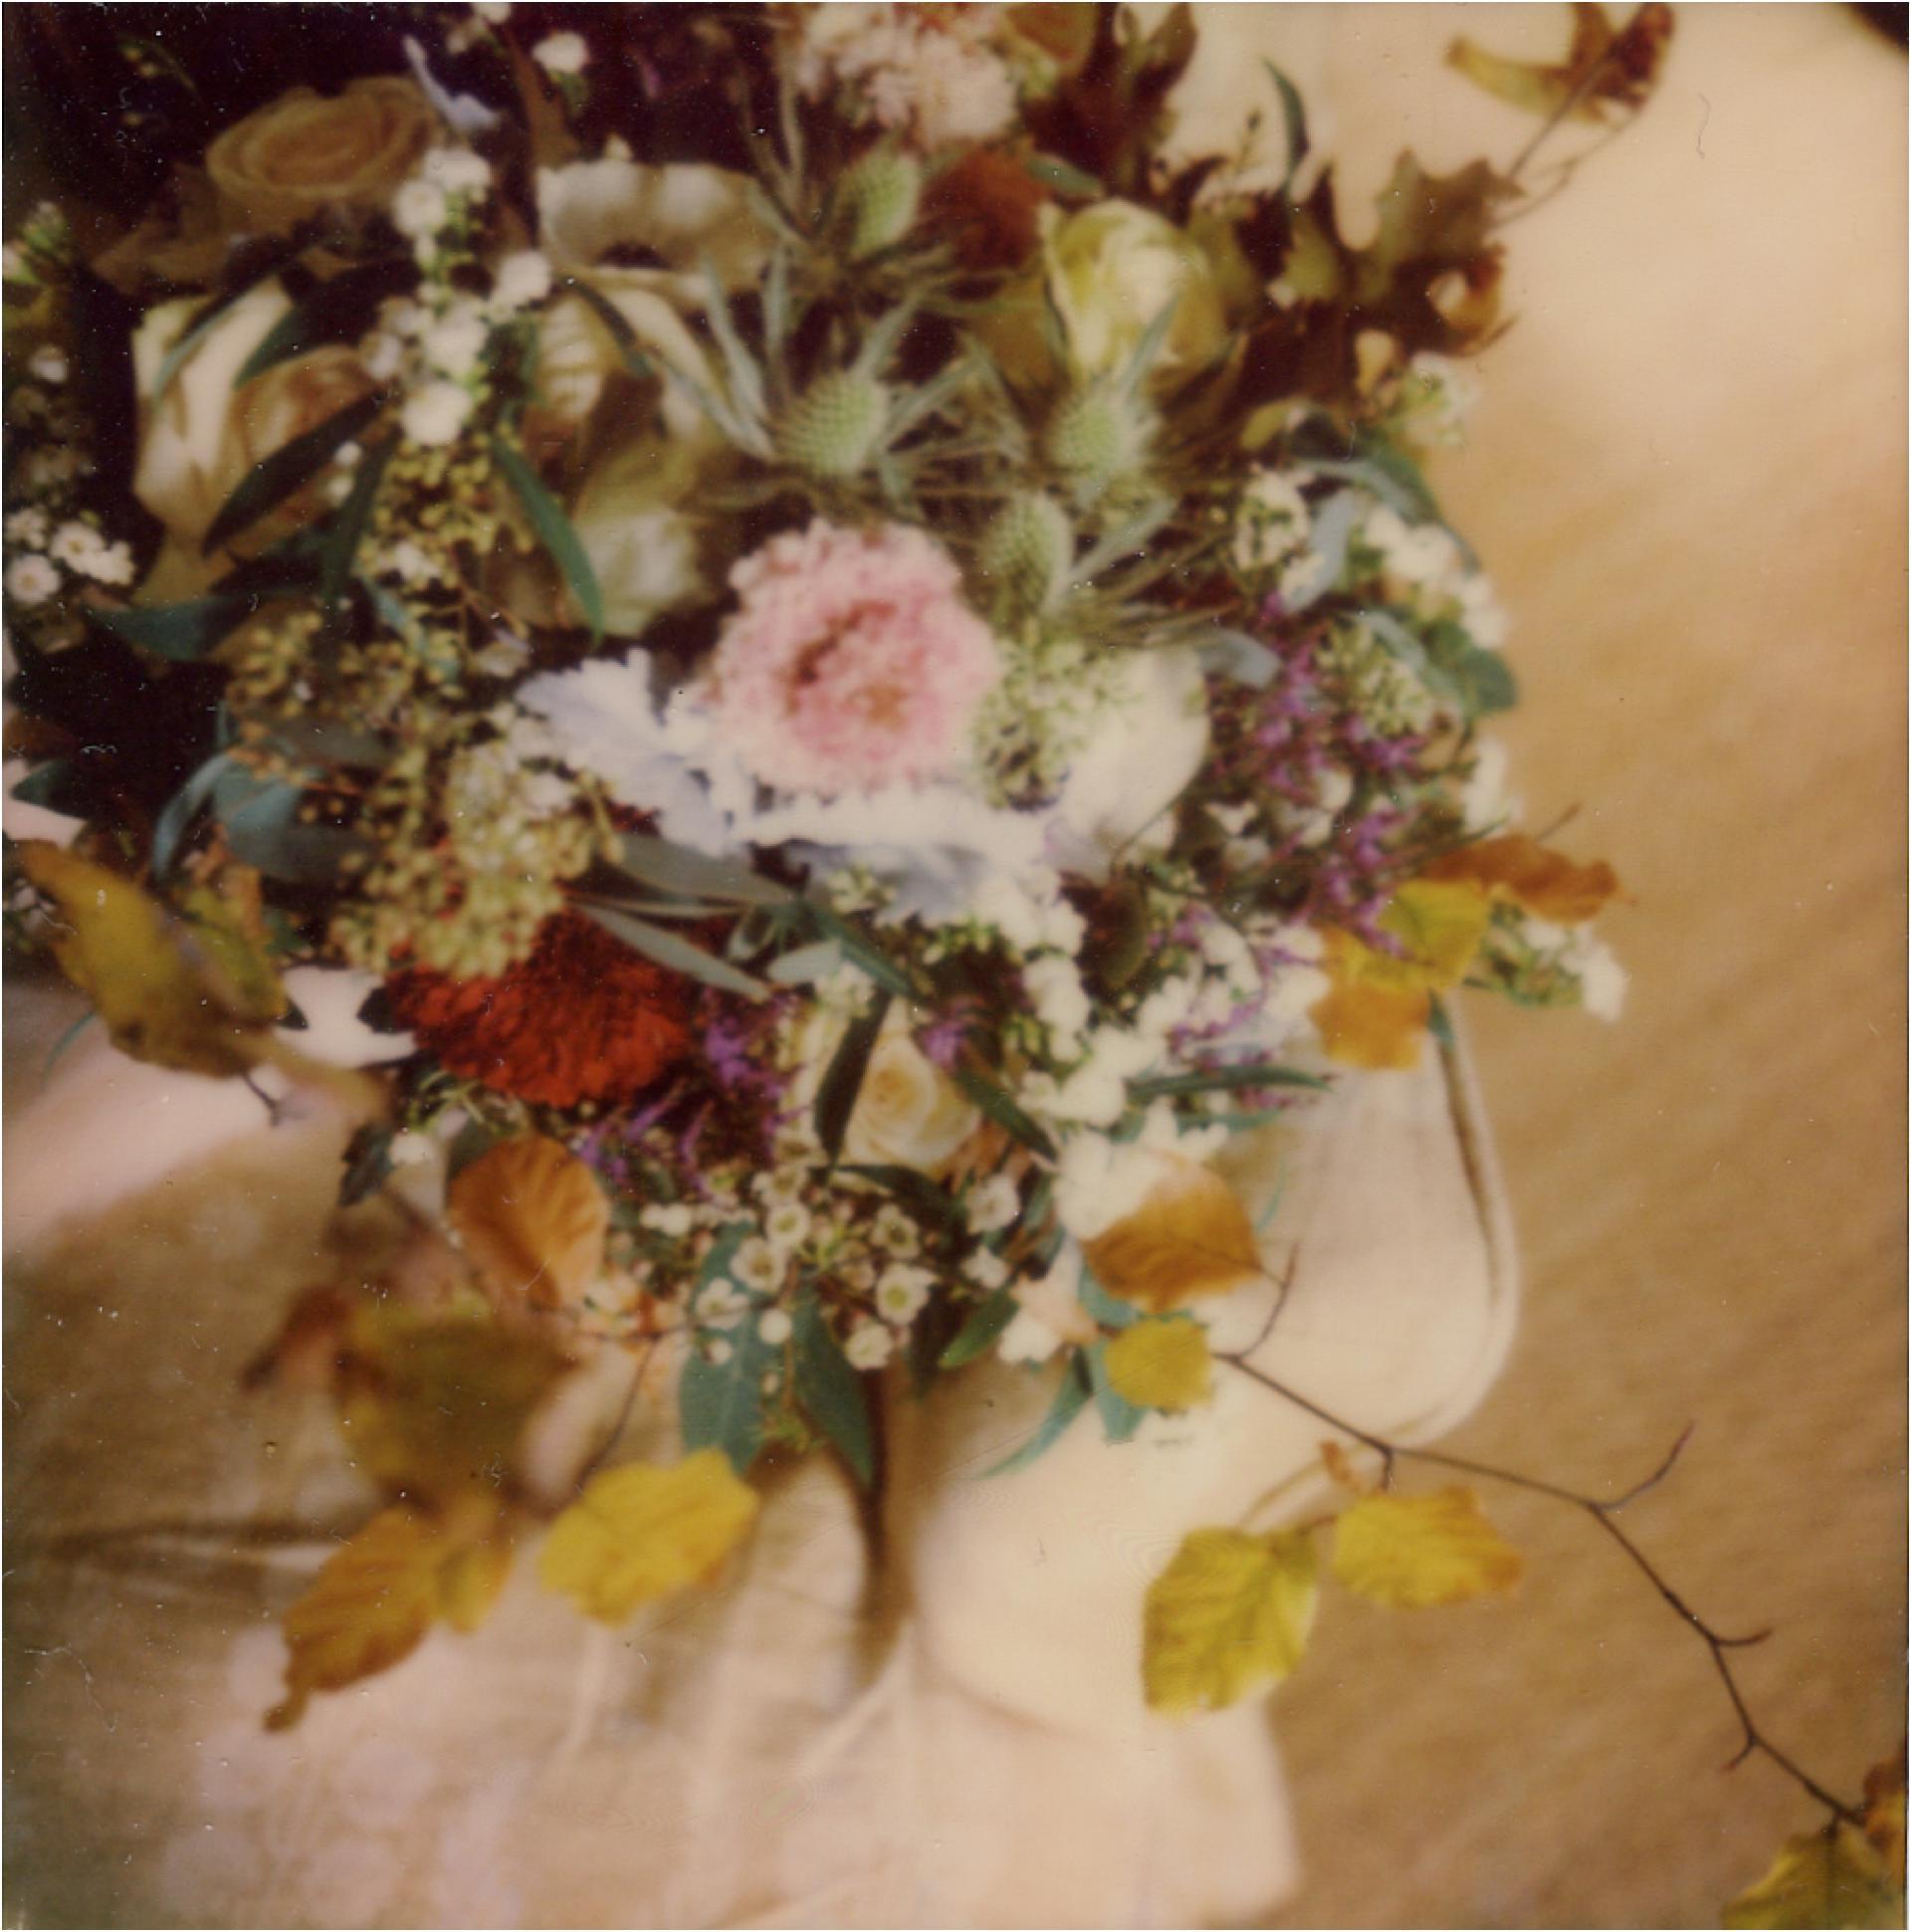 weddingsonfilmphotosbyzoe59